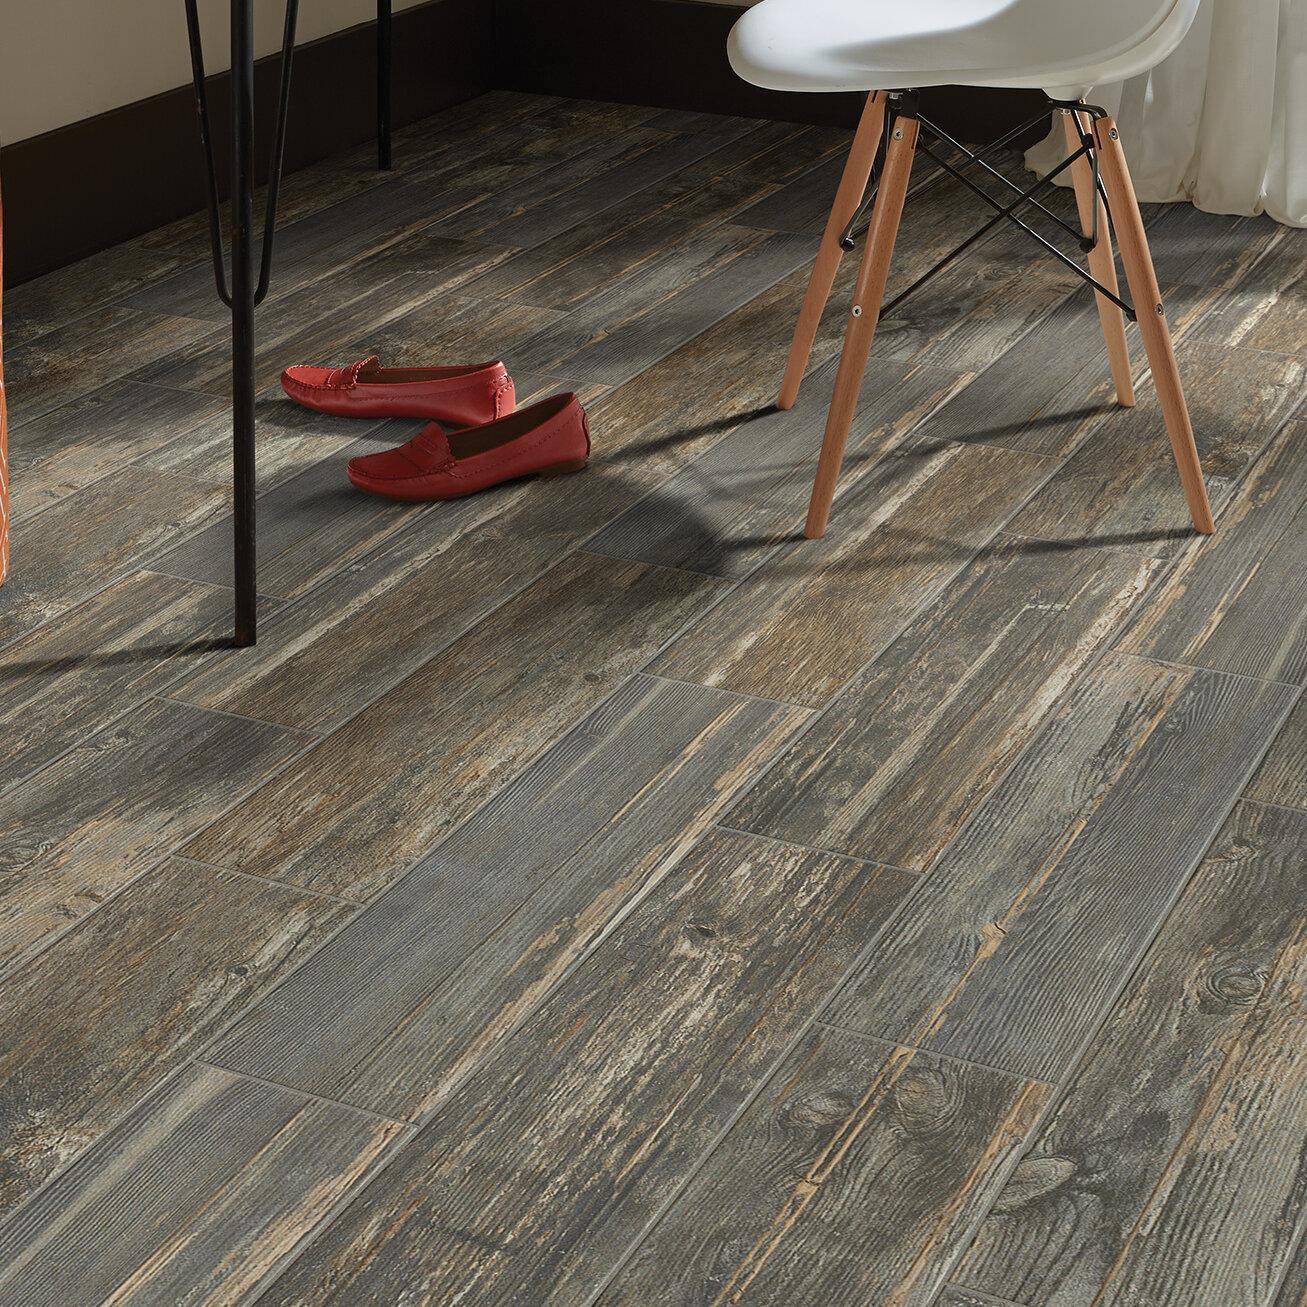 Welles Hardwood Tampico 7 X 24 Ceramic Tile In Gray Reviews Wayfair